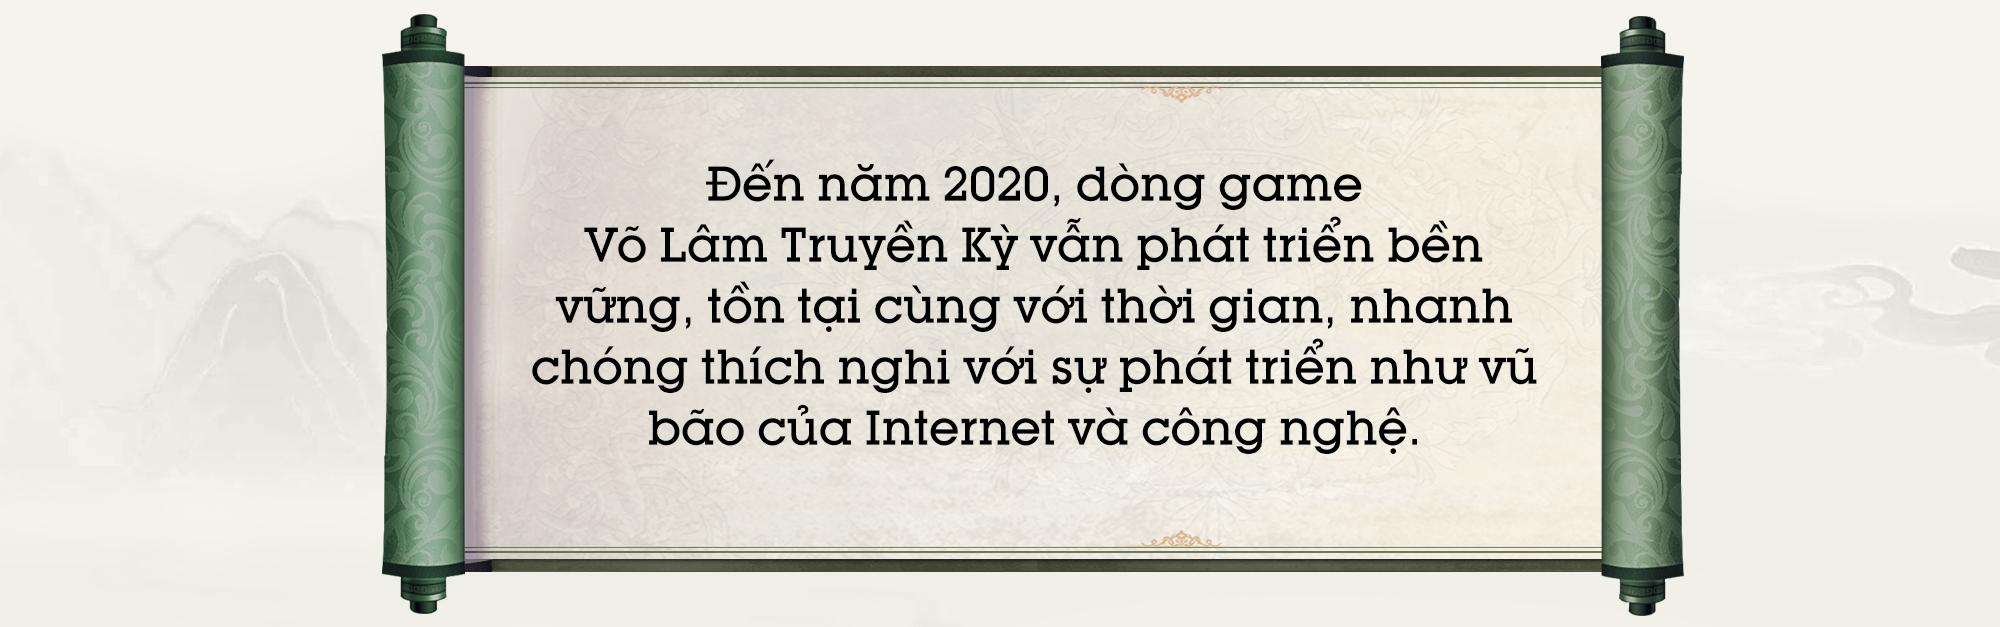 """15 năm Võ Lâm Truyền Kỳ - """"Chứng nhân"""" lịch sử làng game & huyền thoại game online đi qua mọi thăng trầm thời đại Internet Việt Nam - Ảnh 8."""